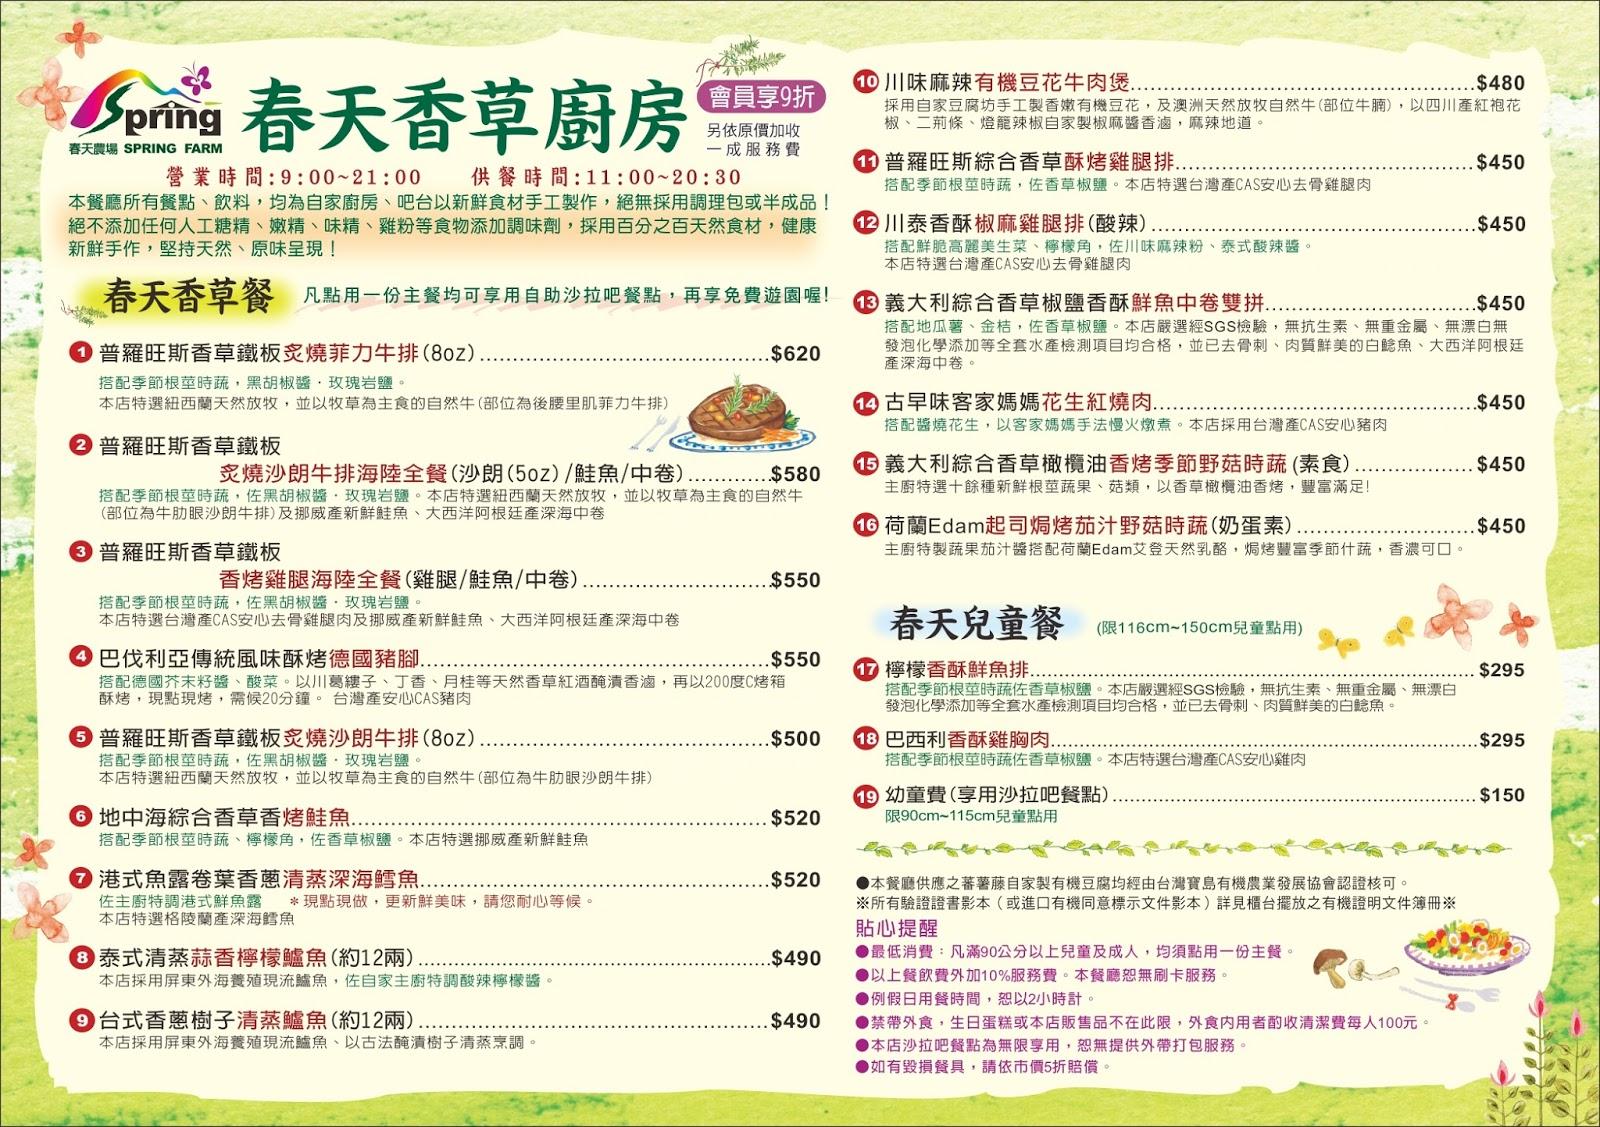 蕃薯藤家族部落格: 春天農場菜單